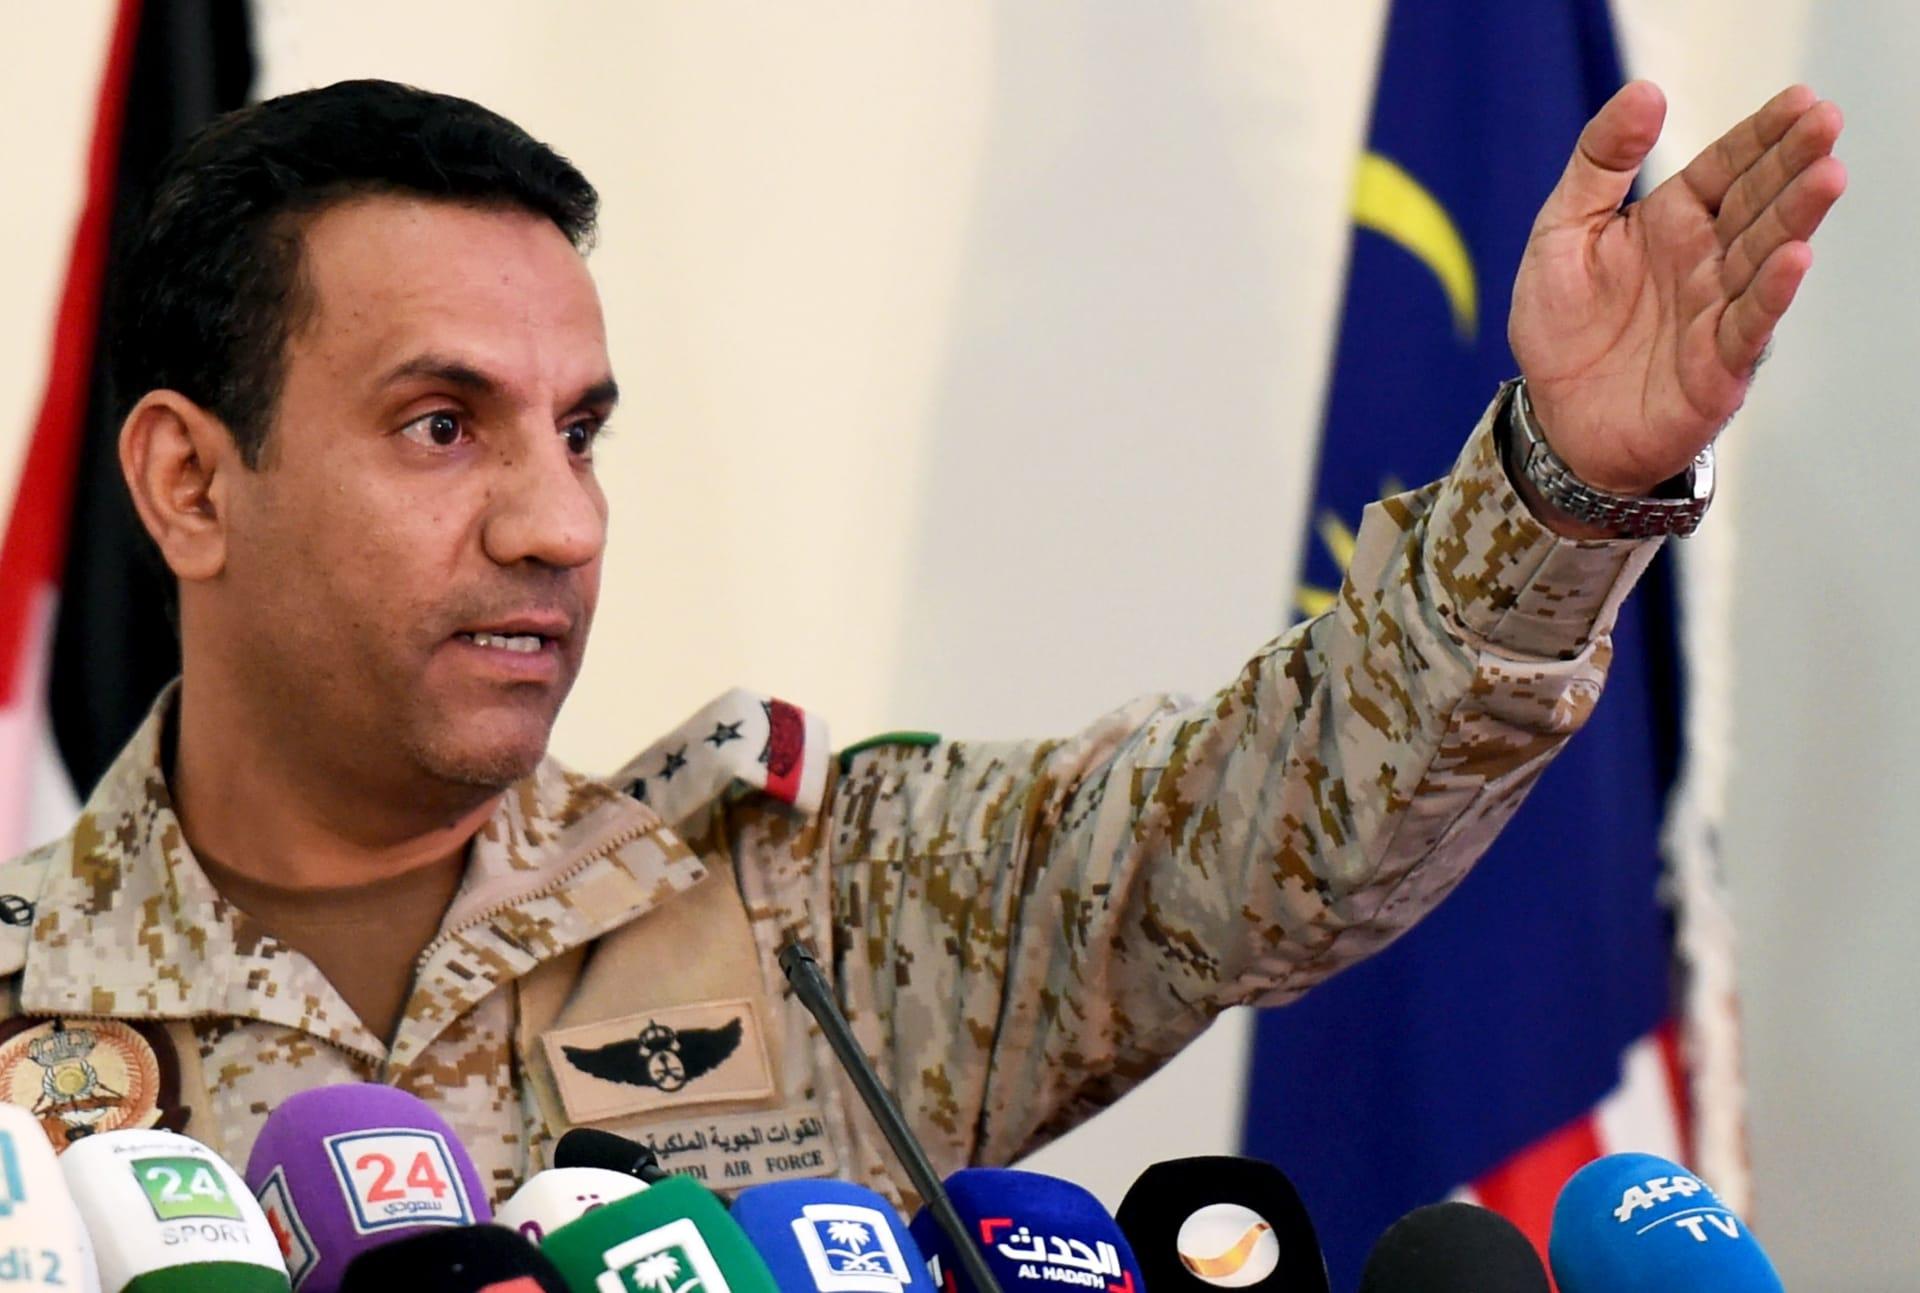 المتحدث باسم التحالف: الحوثيون يزرعون الألغام البحرية عشوائيا